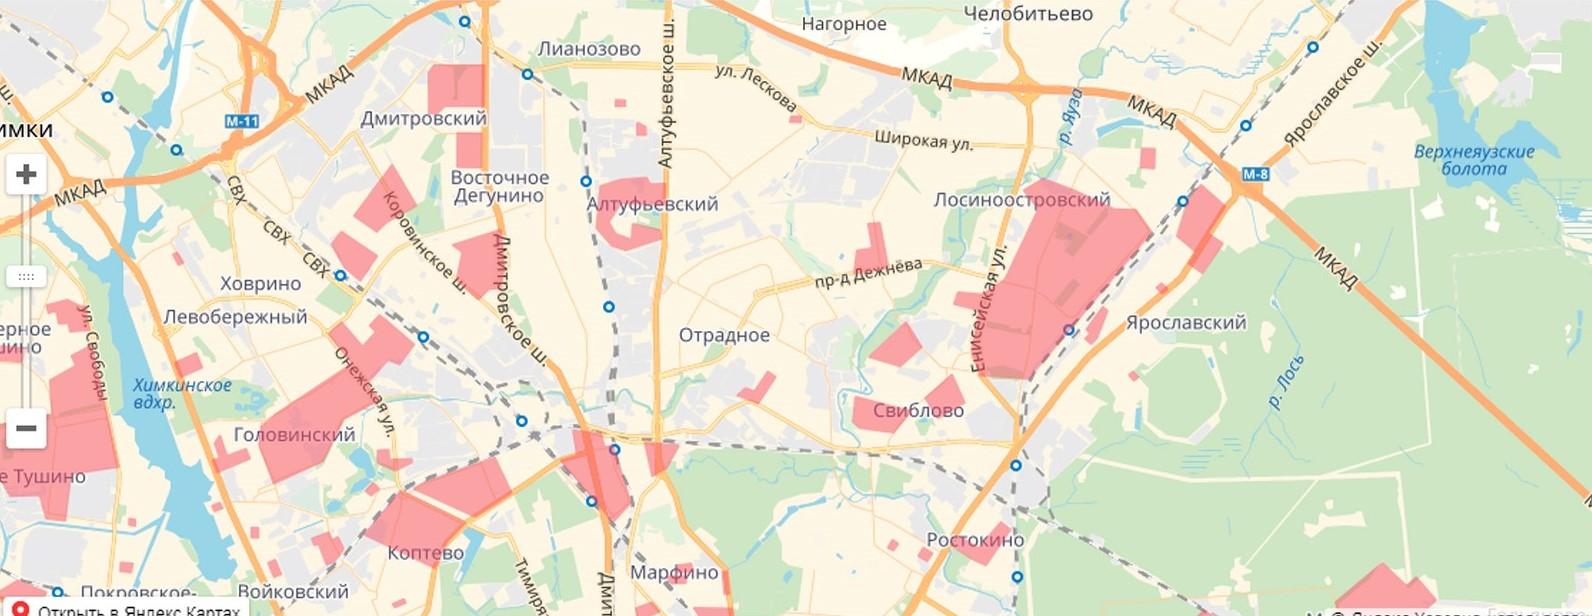 Карта реновации в Северо-Восточном административном округе